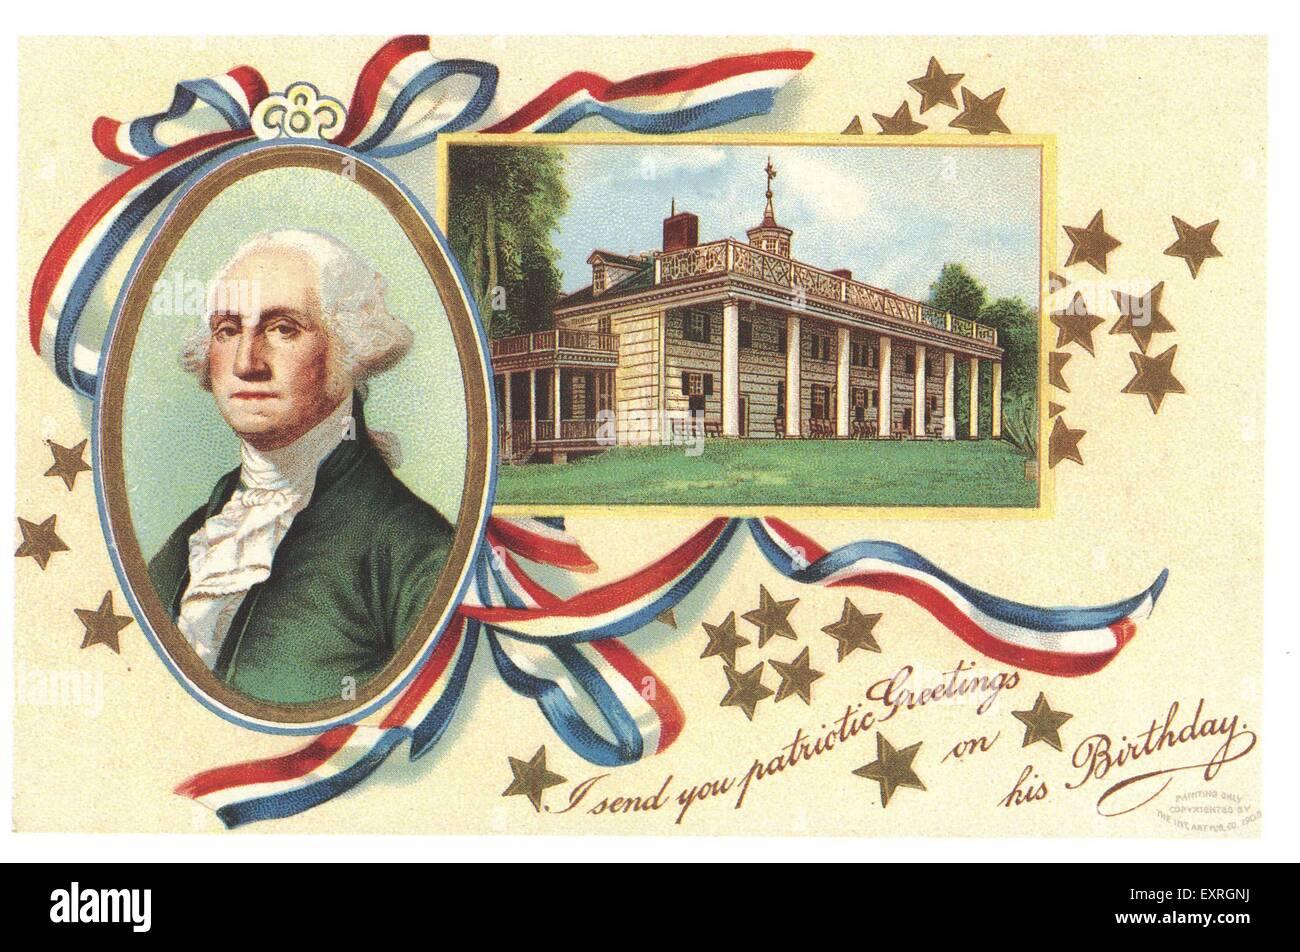 1900s STATI UNITI D'AMERICA George Washington scheda Messaggi di saluto Immagini Stock